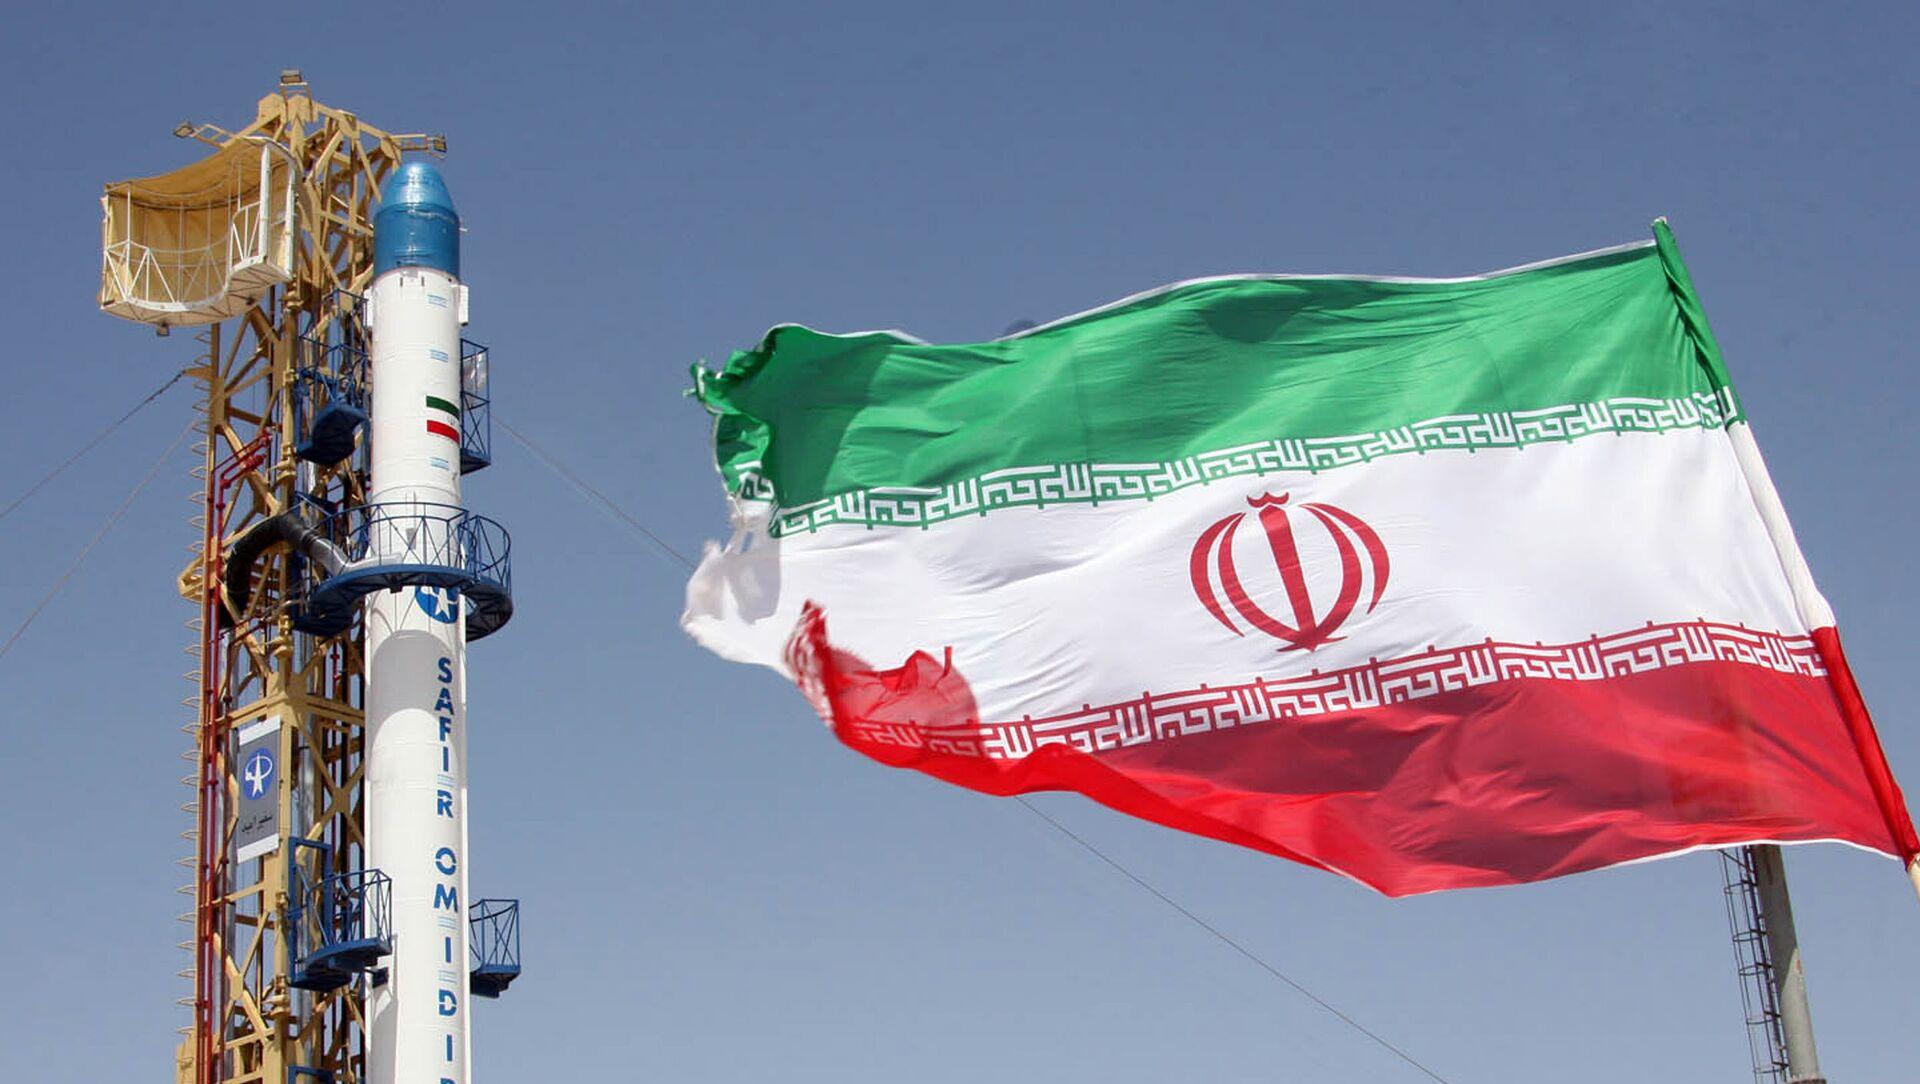 Fusée iranienne Safir (image d'illustration) - Sputnik France, 1920, 23.06.2021